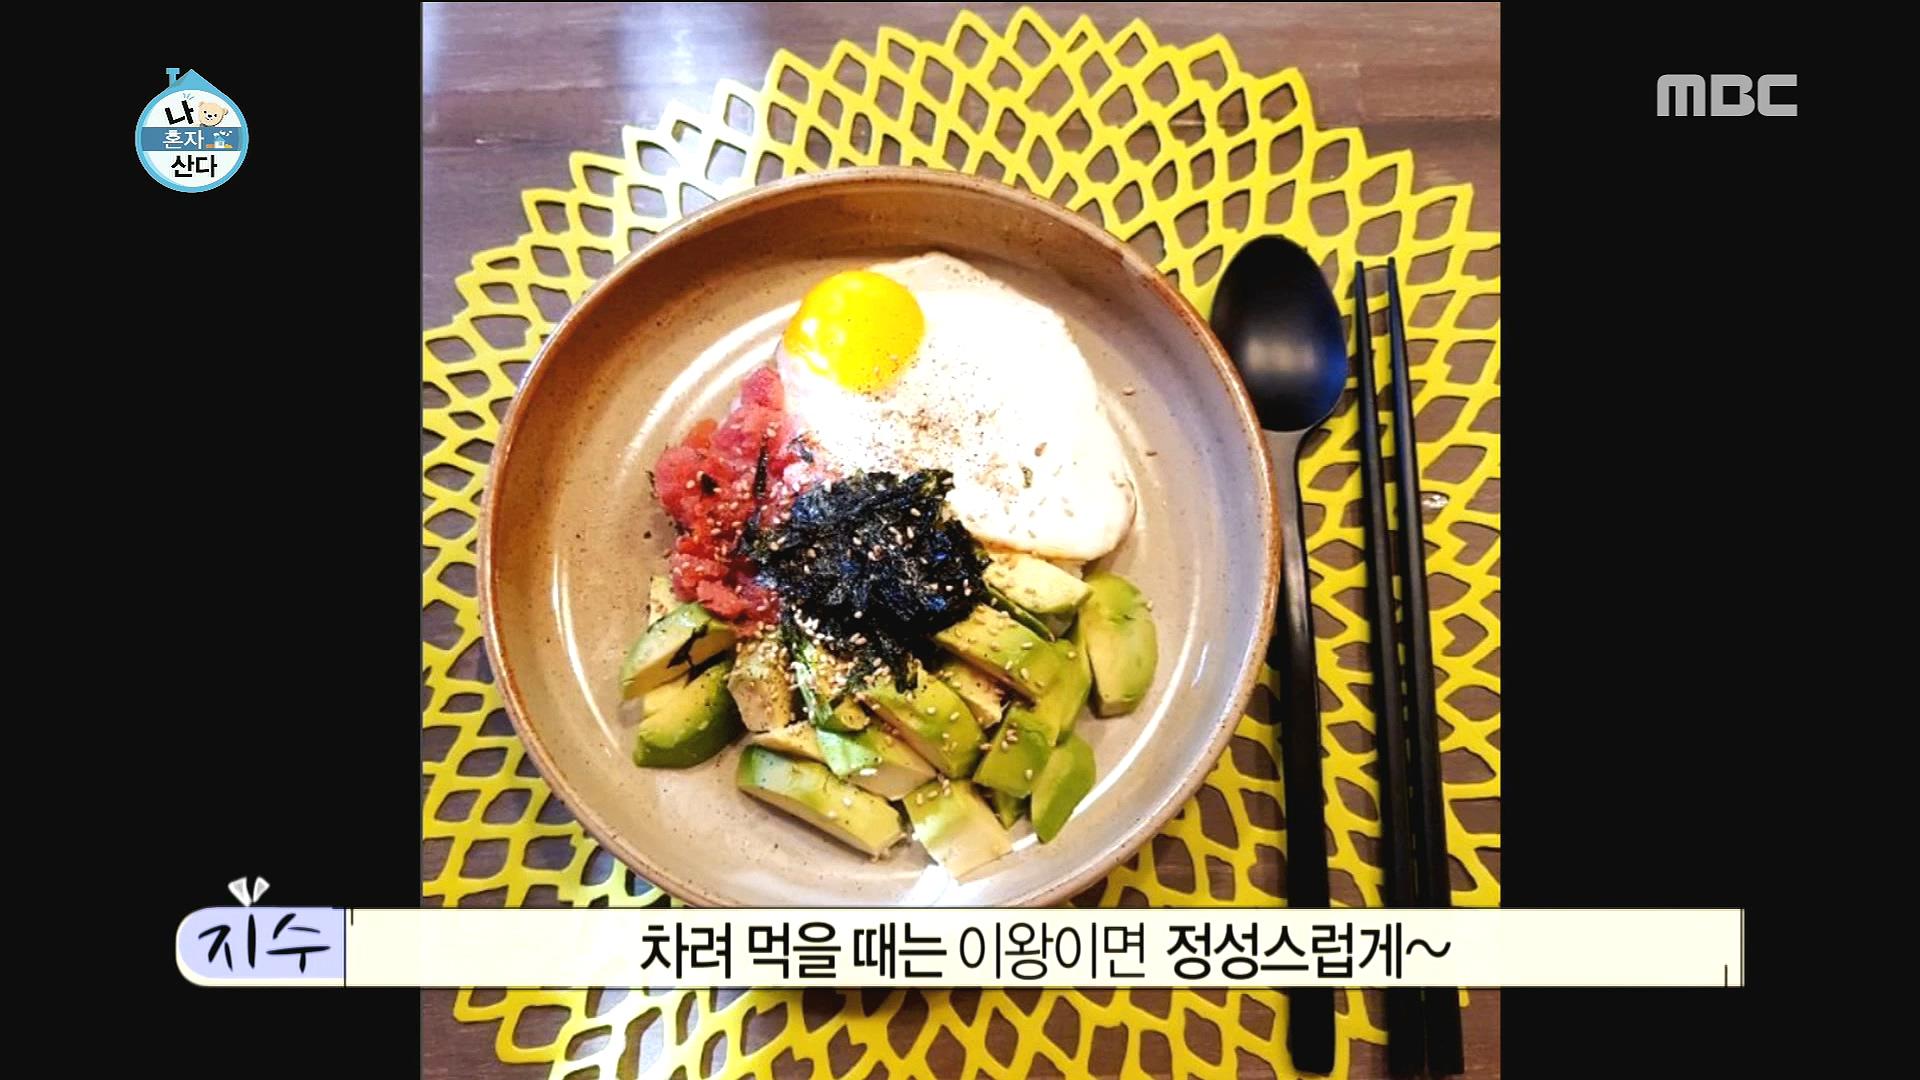 김지수 표 특제 비빔밥 레시피 공개!